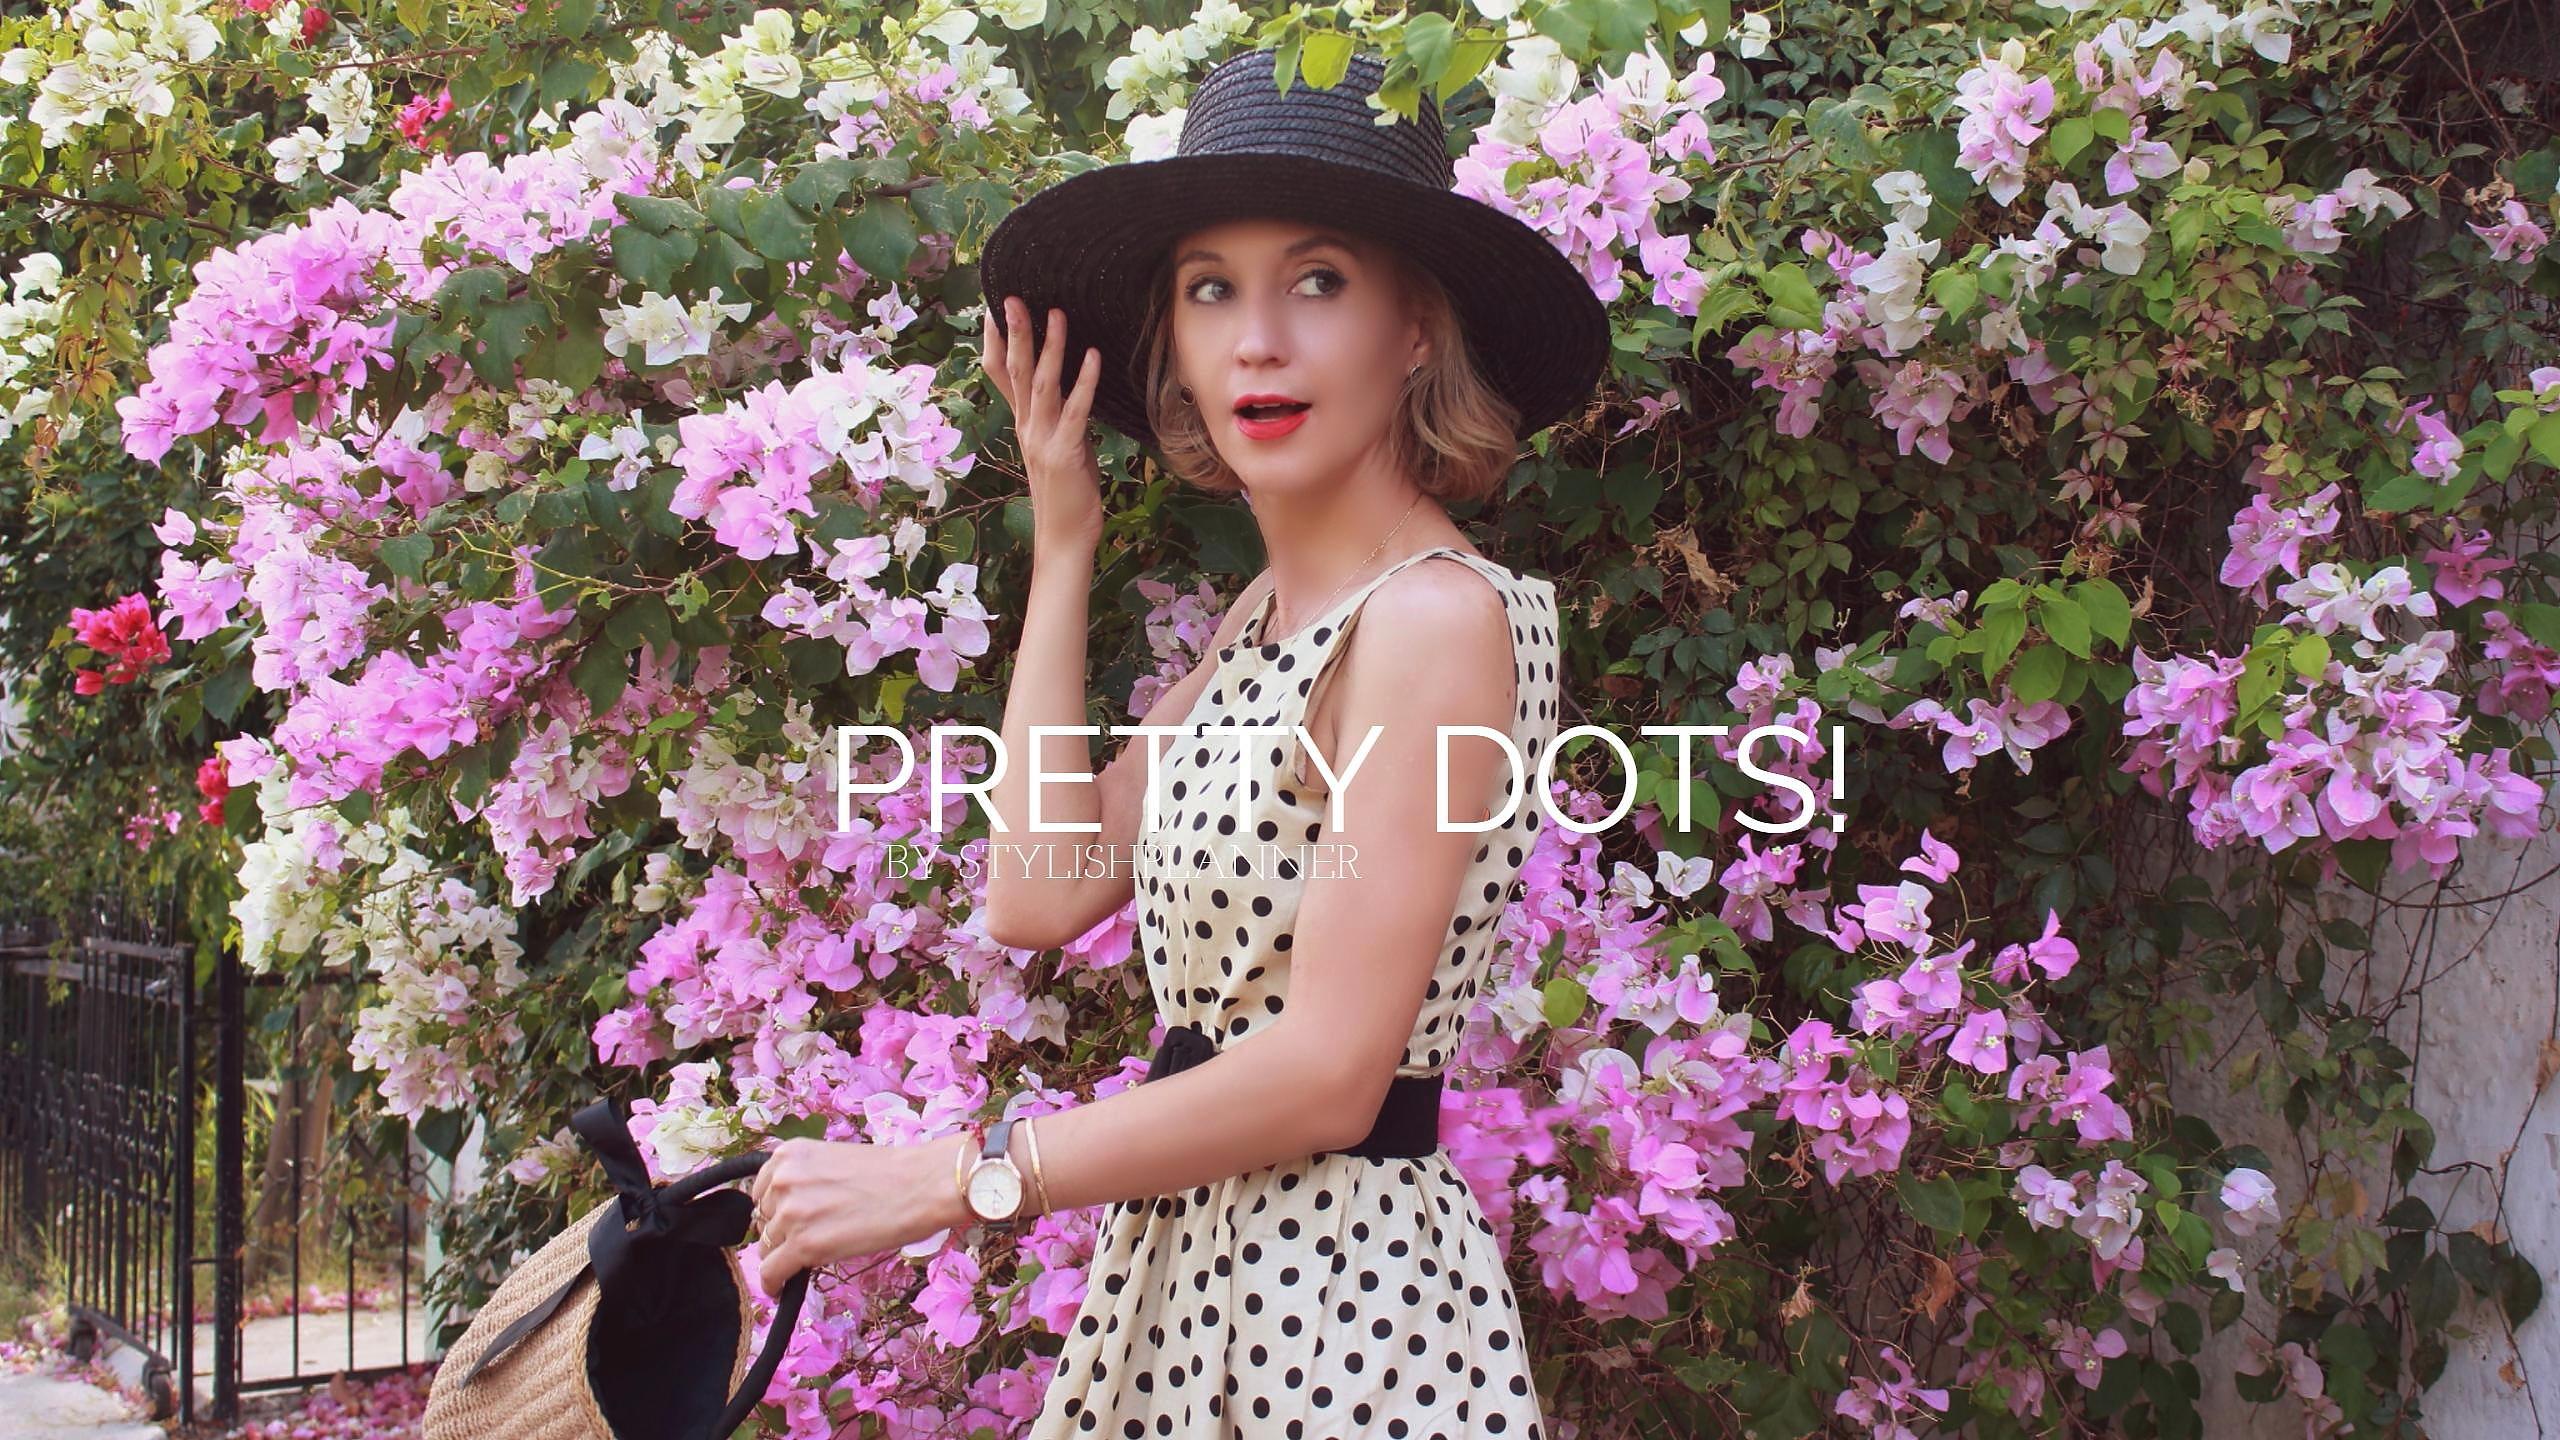 Pretty dots!